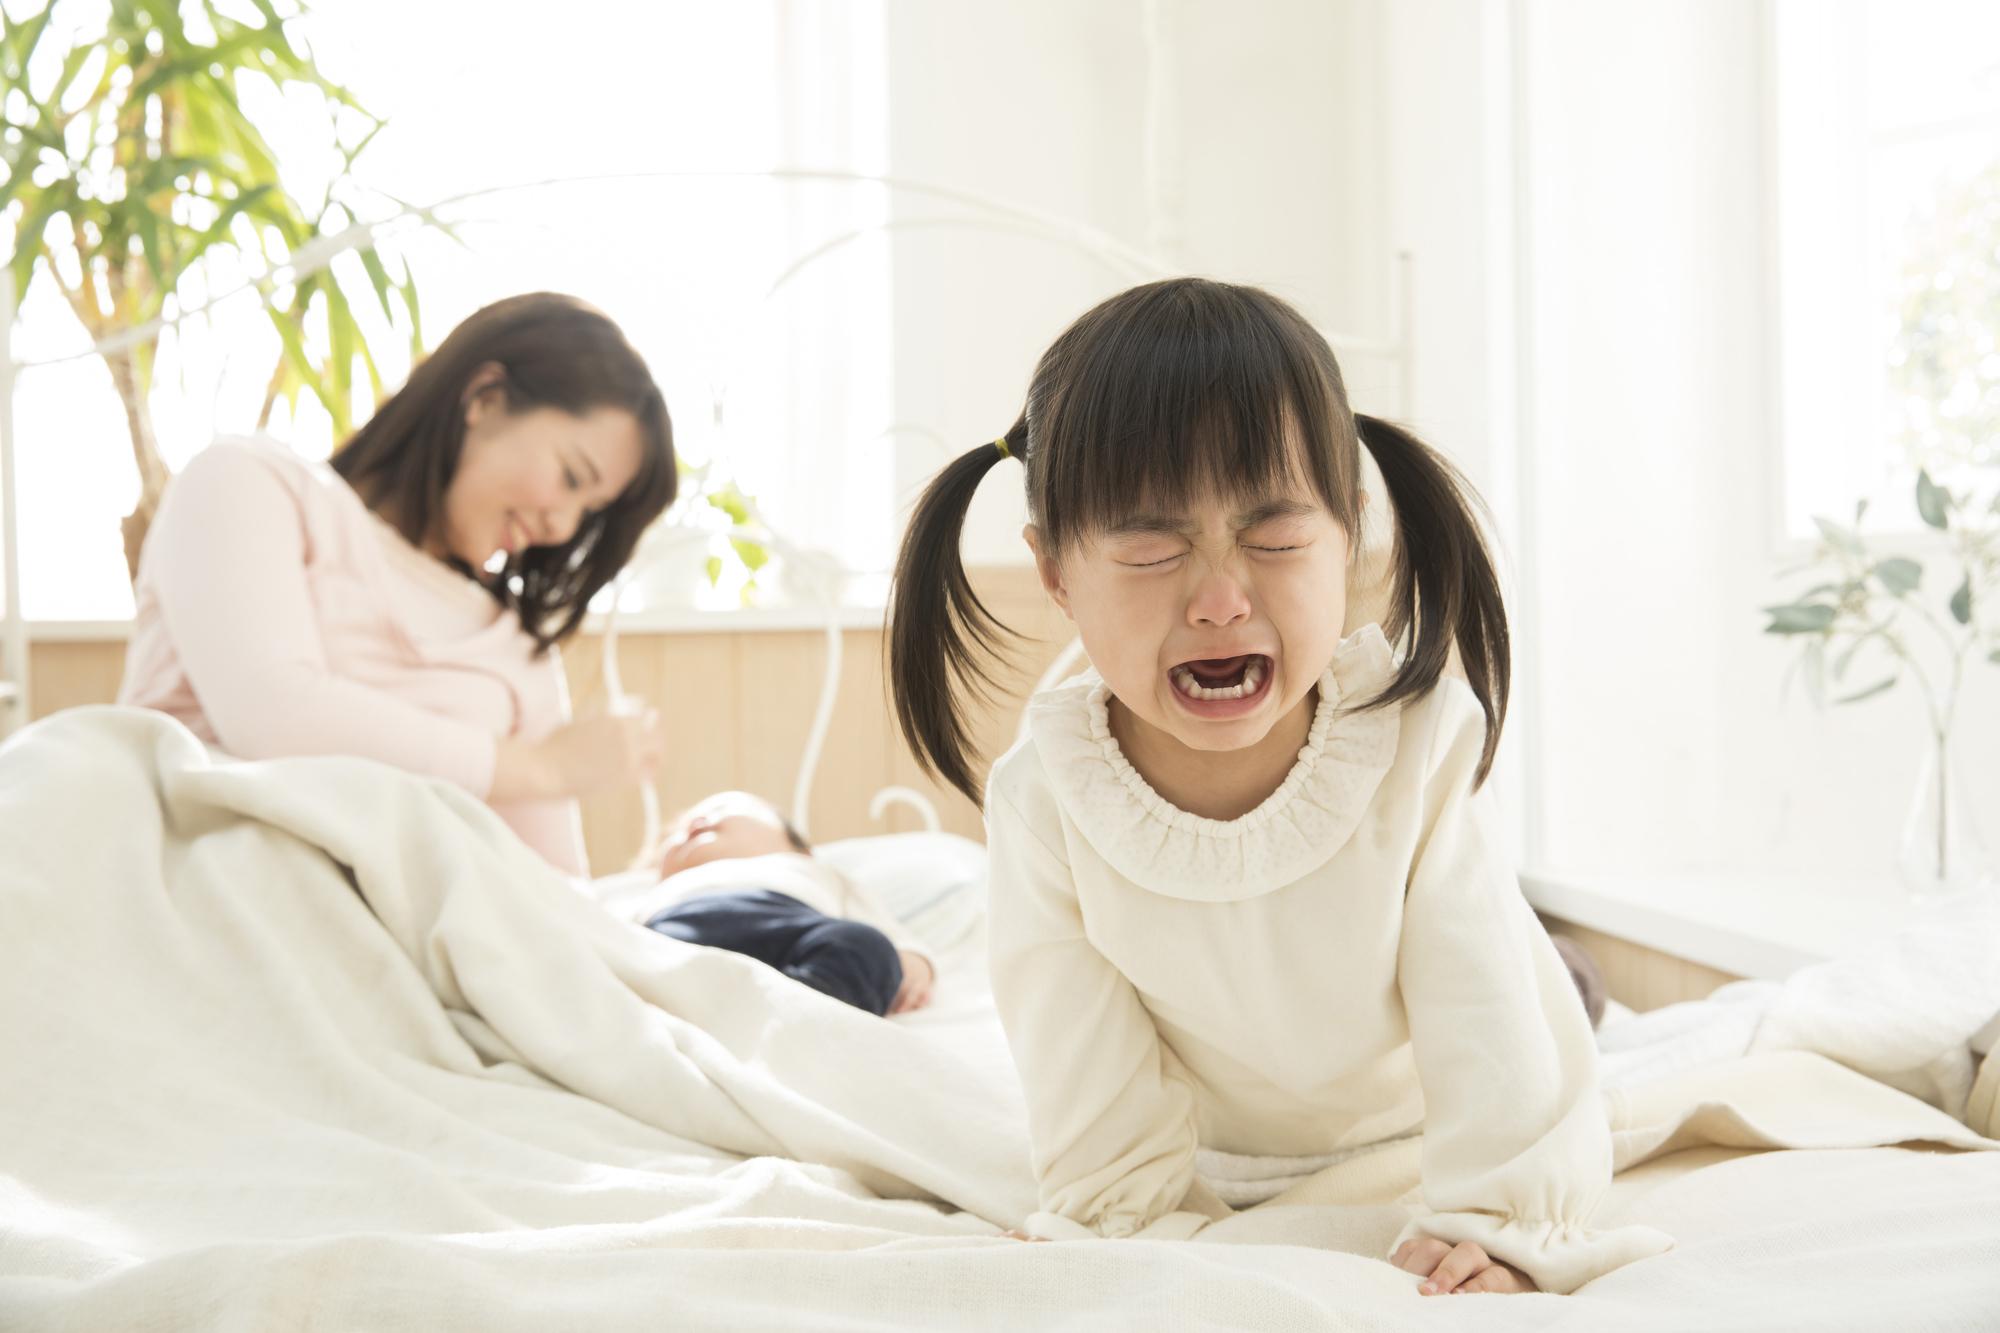 上の子にイライラ!可愛くない症候群はいつまで?妊娠・産後ママの対処法